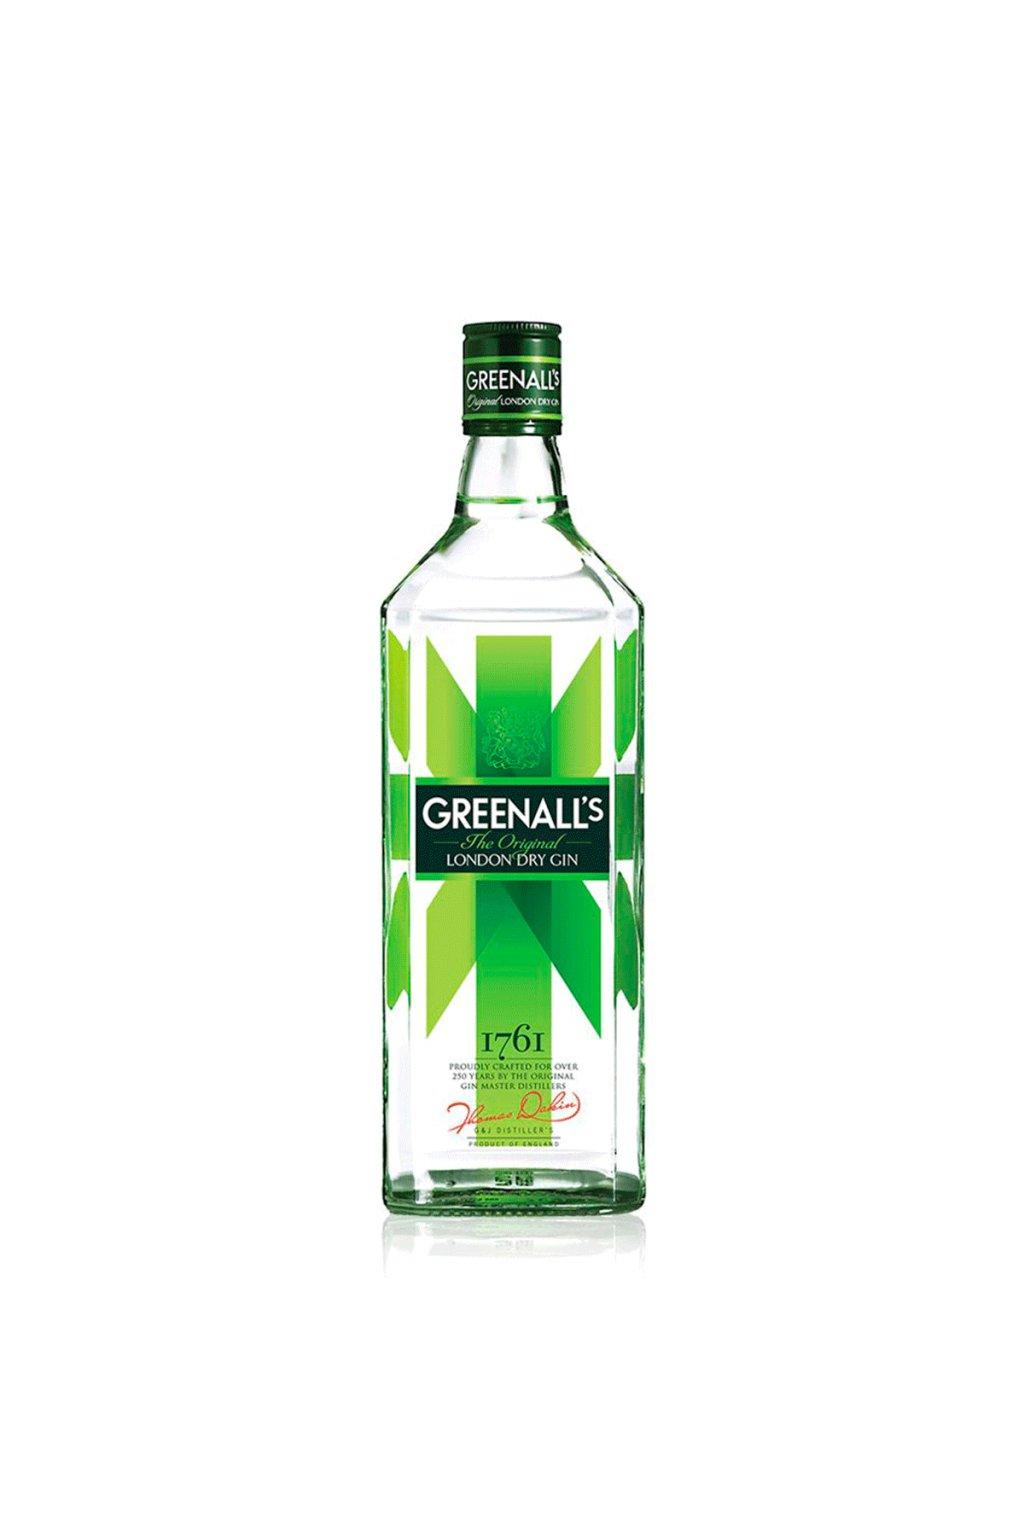 Greenalls Original London Dry Gin